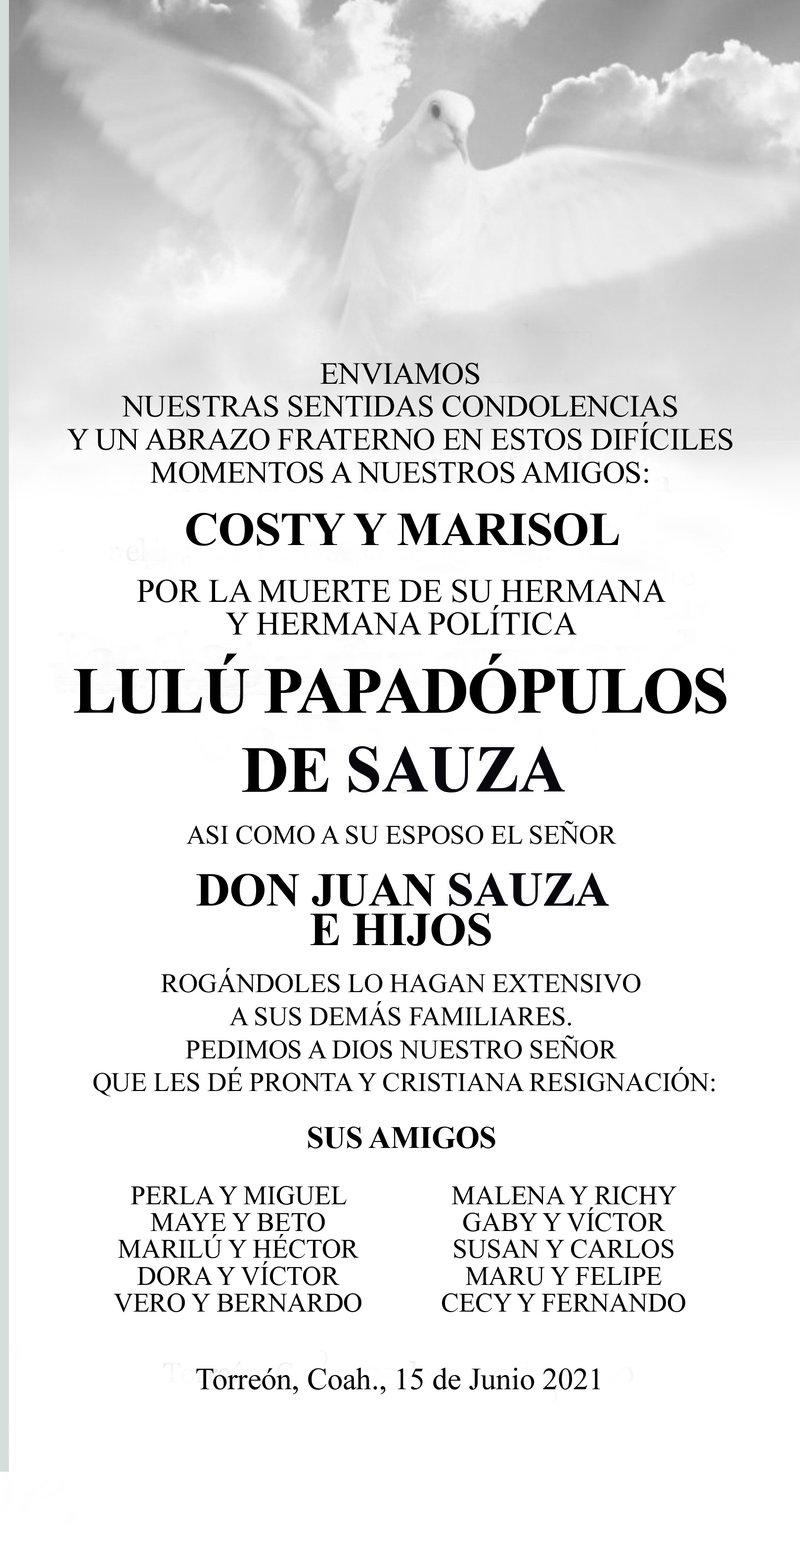 CONDOLENCIA: LULÚ PAPADÓPULOS DE SAUZA. Amigos de Costy y Marisol lamentan el fallecimiento de su hermana y hermana política Lulú Papadópulos de Sauza. Descanse en paz.